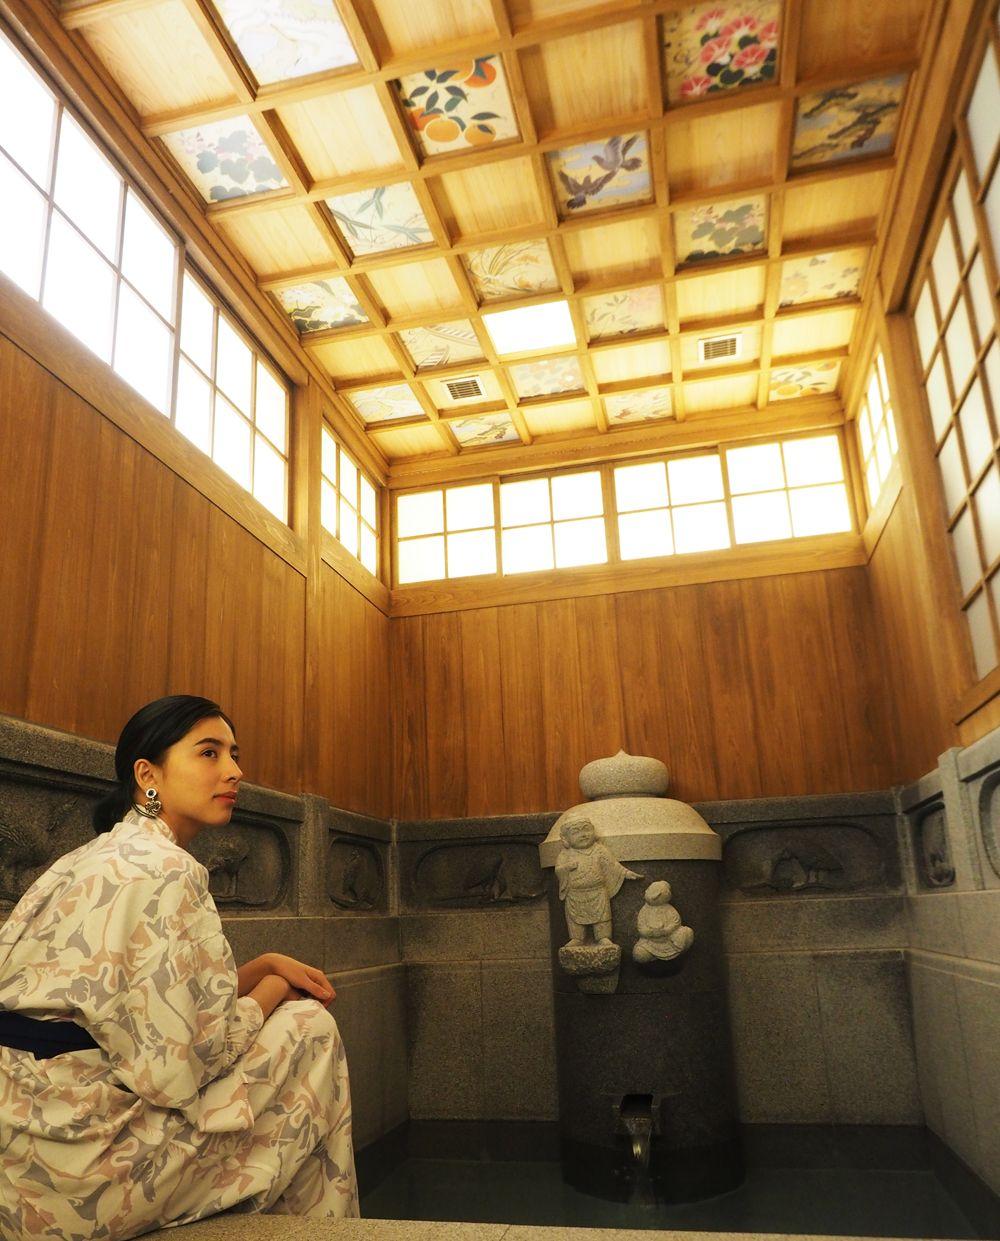 「道後温泉別館 飛鳥乃湯泉」でほっこり癒される